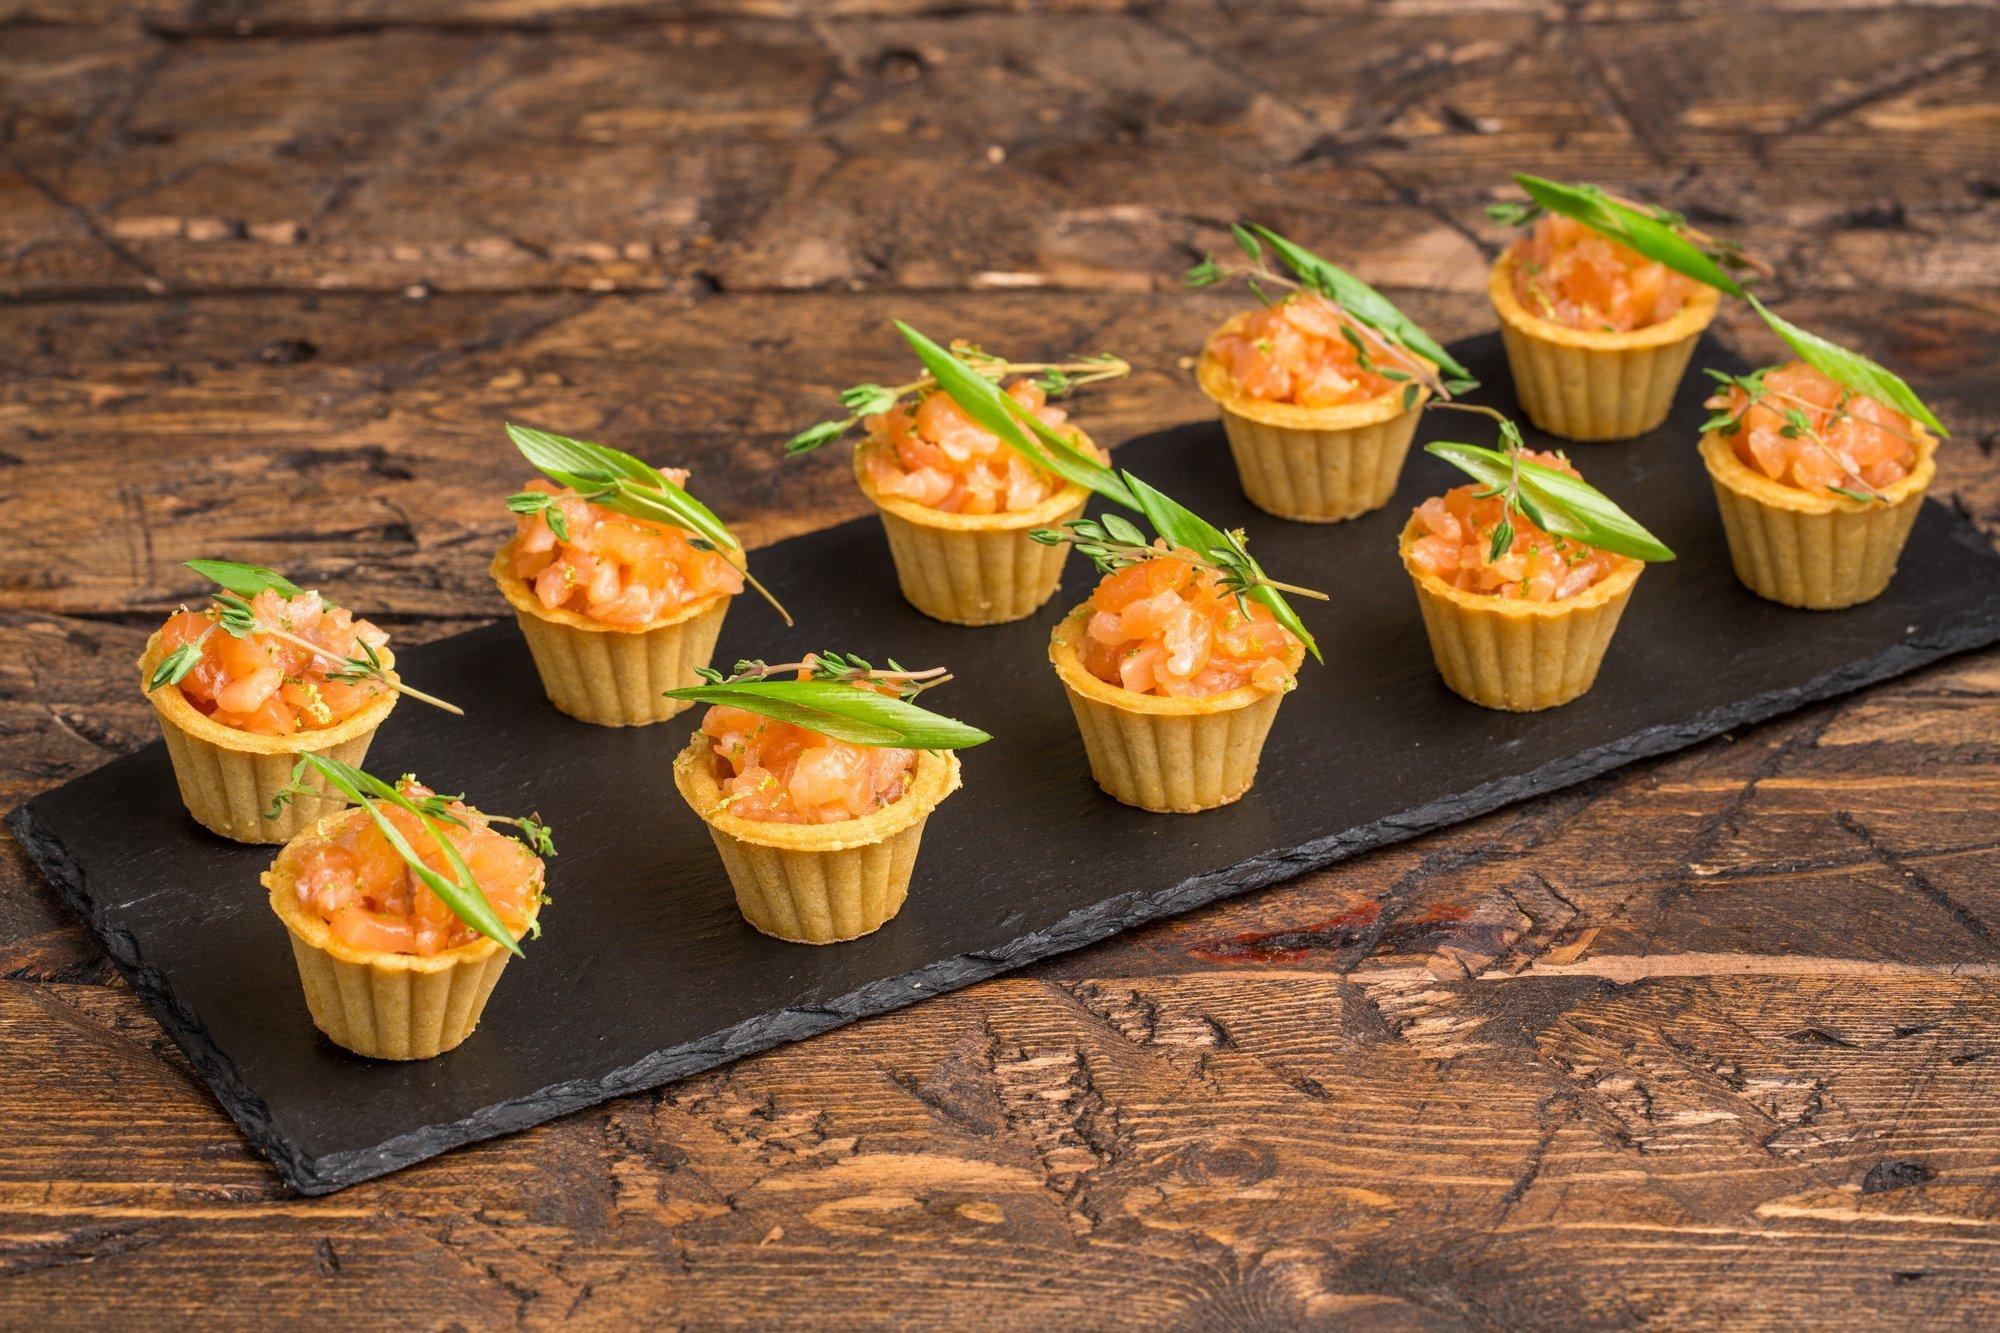 Мини тарталетка с тар - таром из лосося